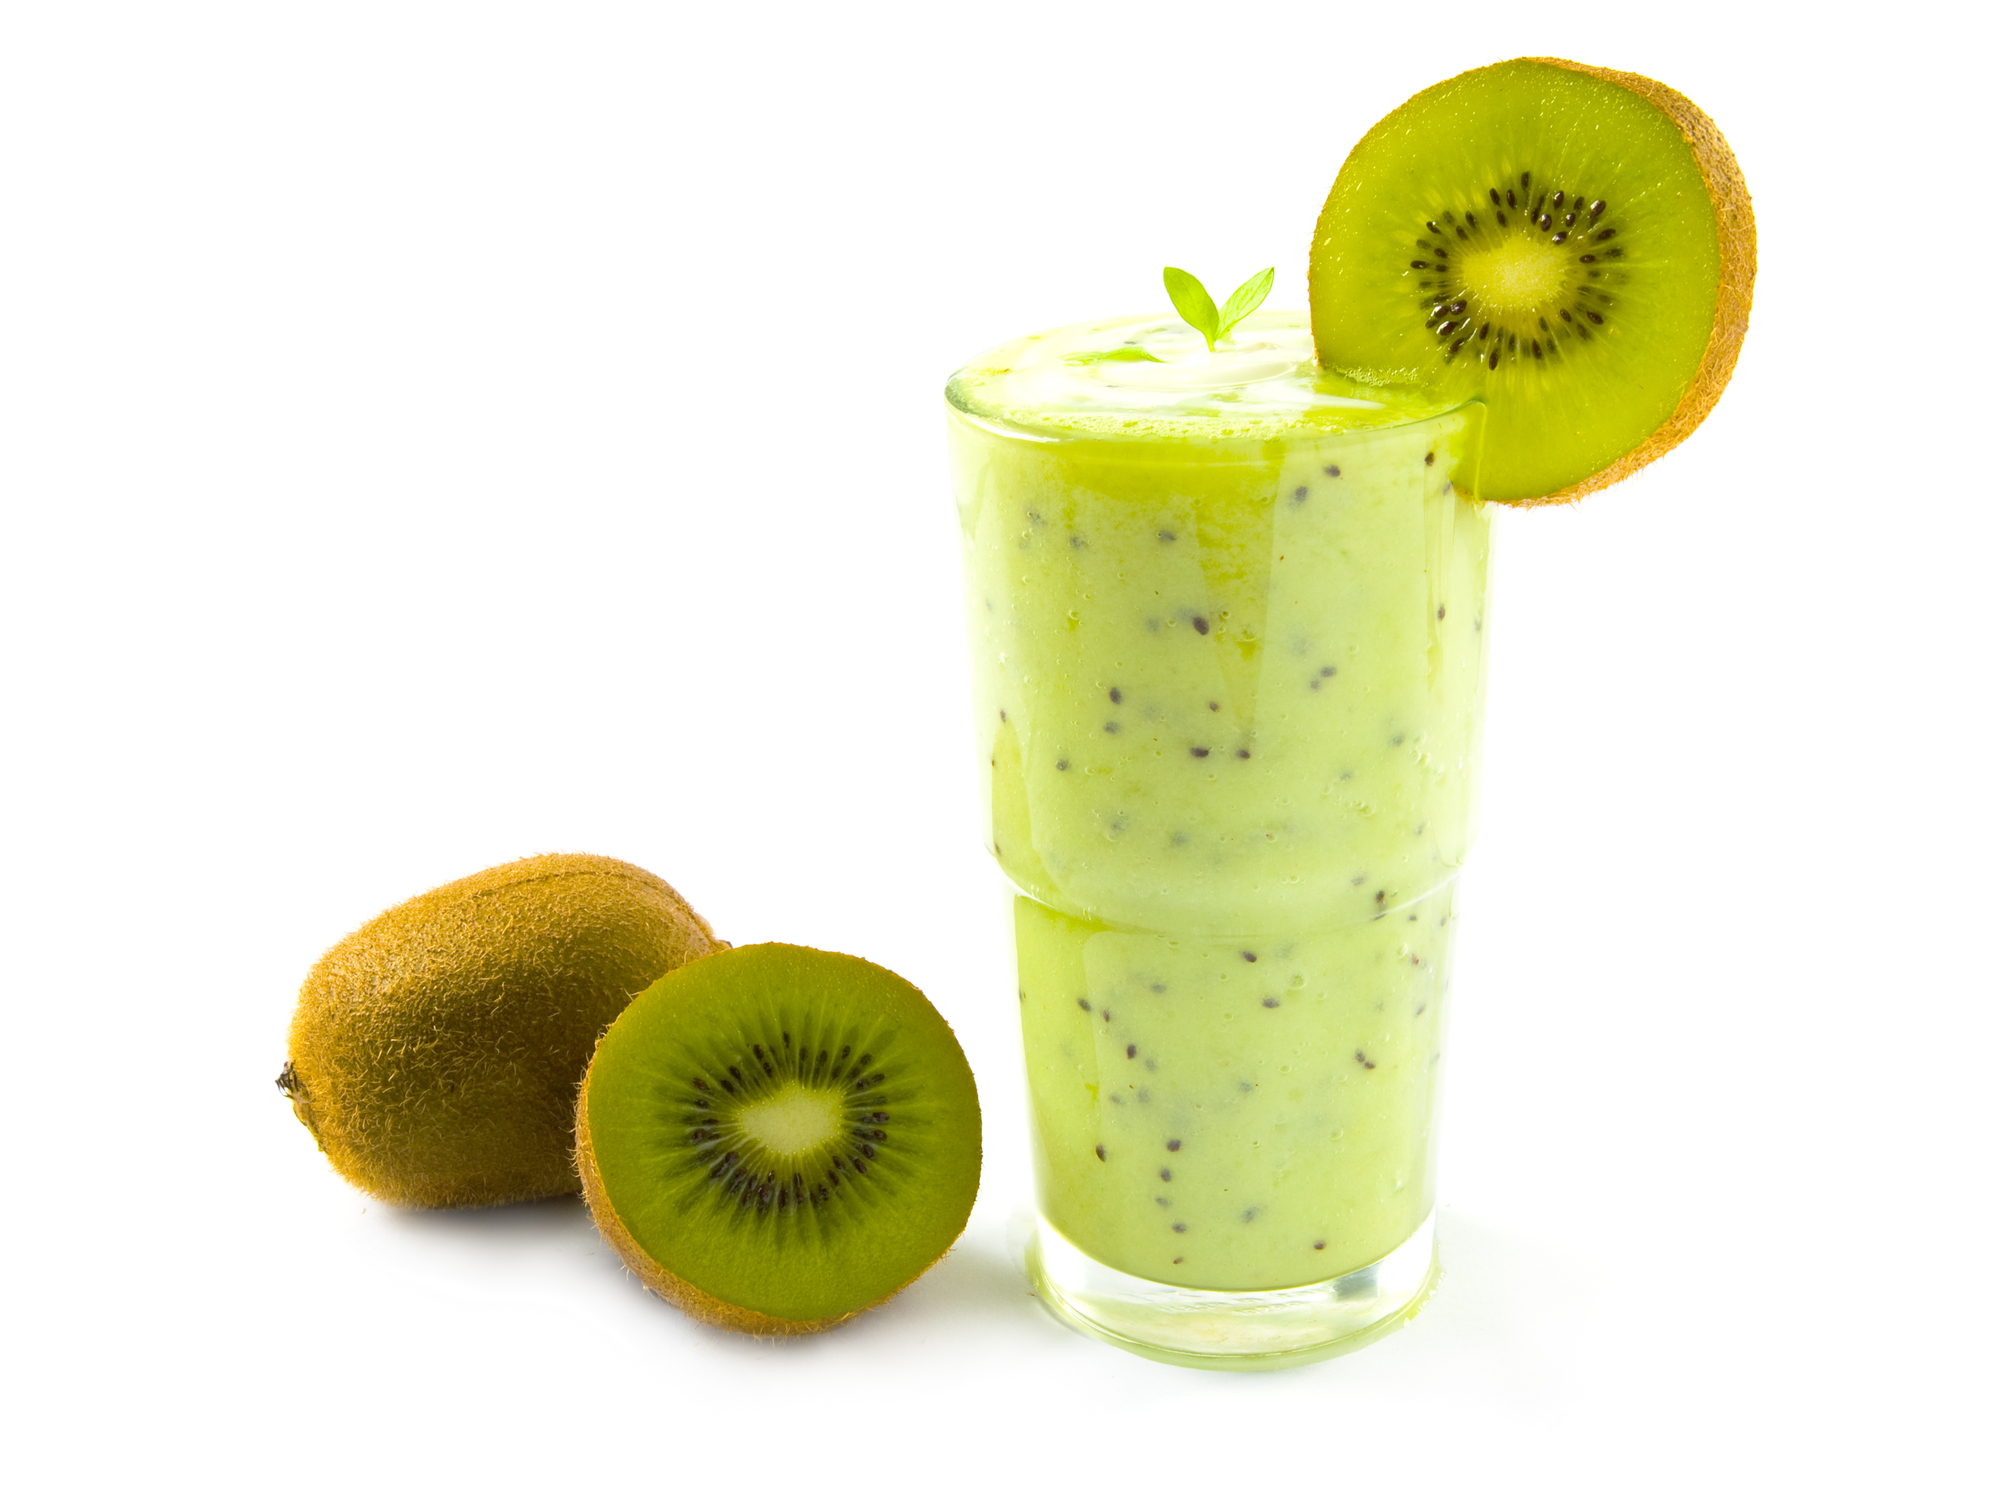 kiwi-smoothie-10387554